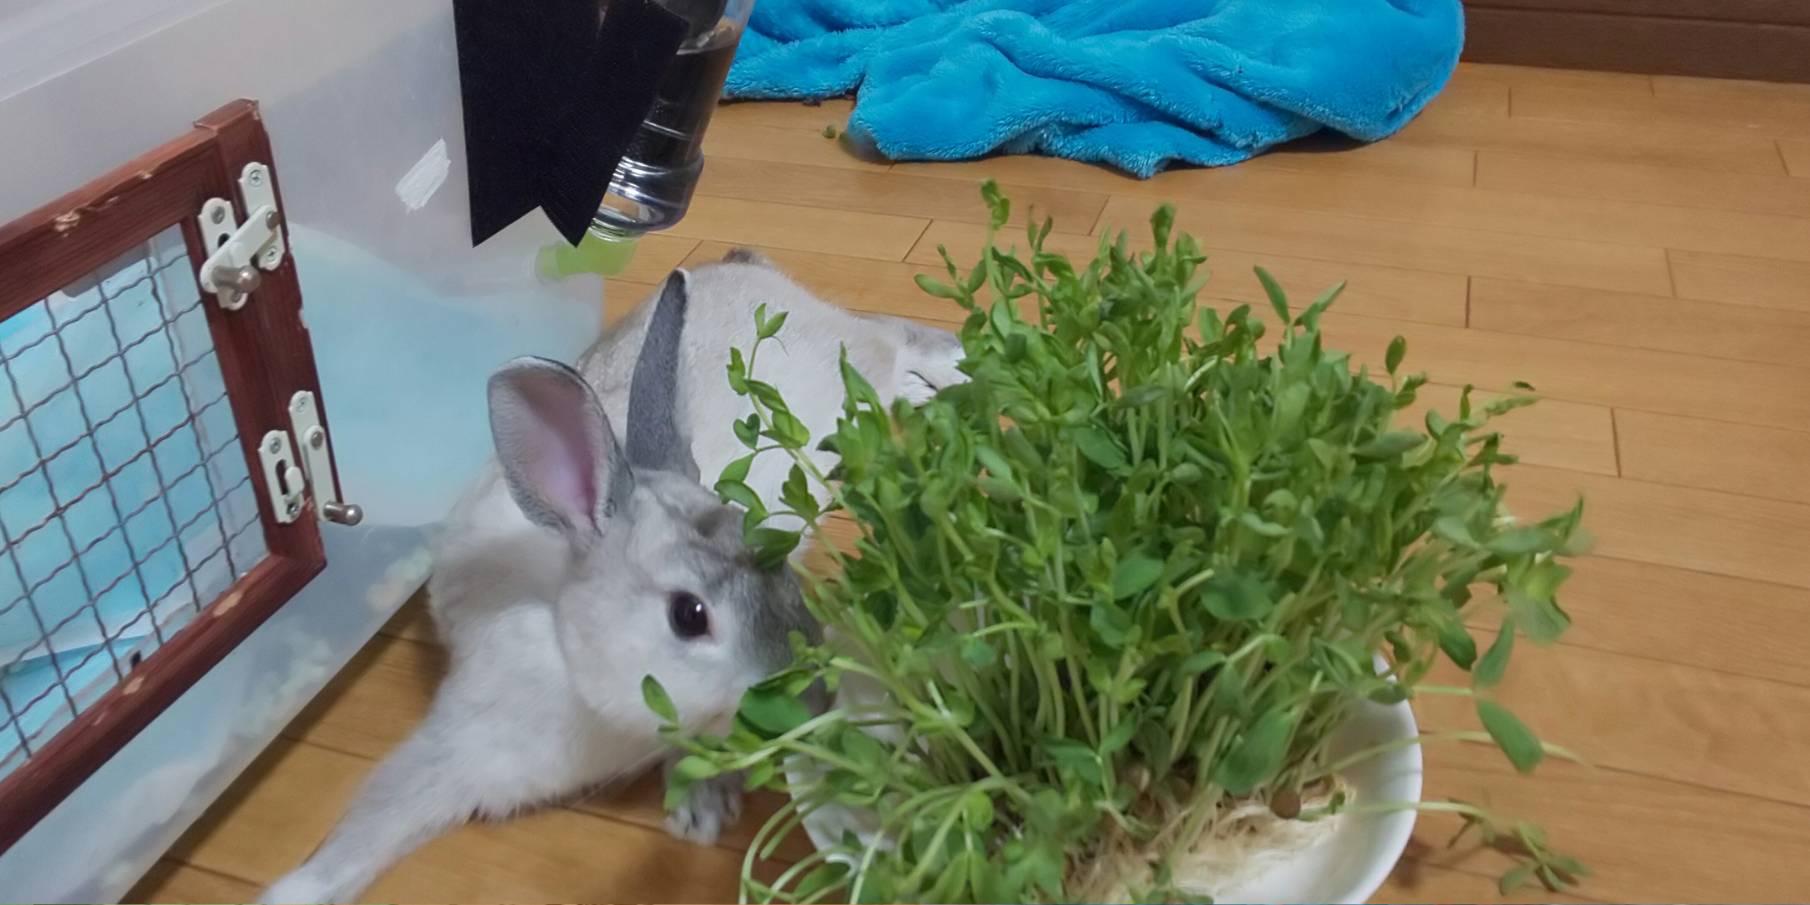 【ミニウサギ】 10月15日 朝から元気すぎるウサギ。